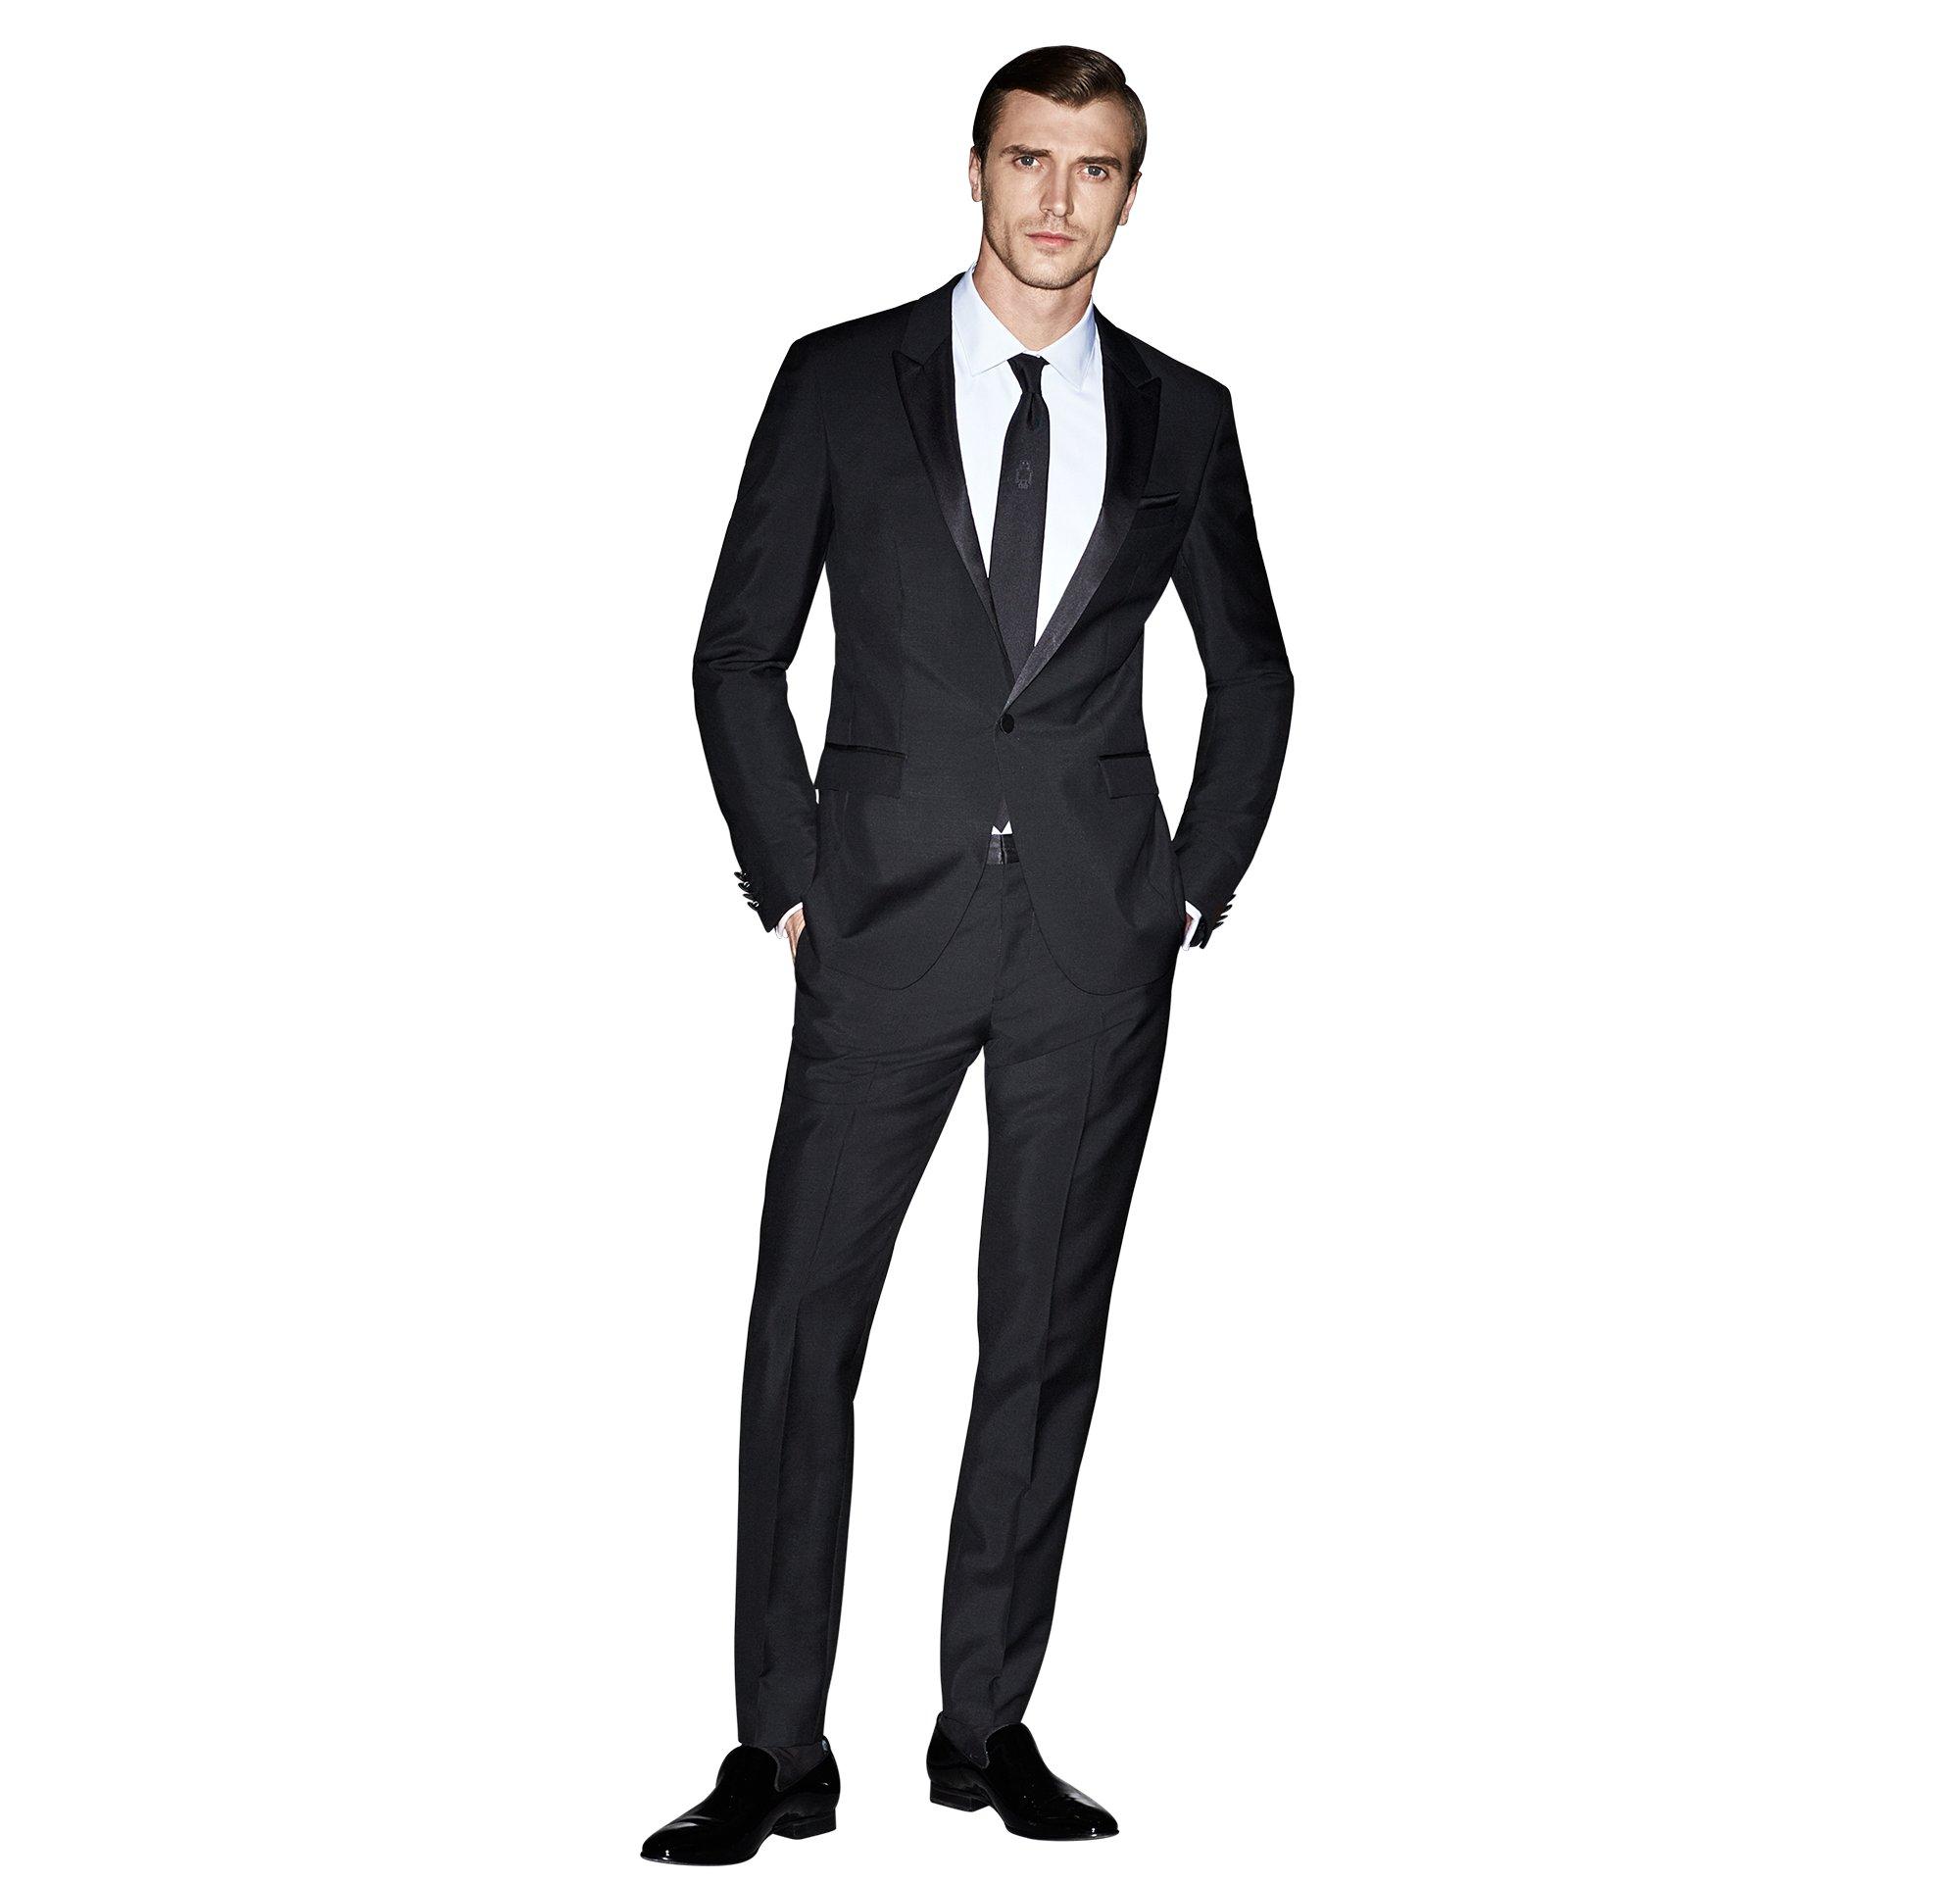 Zwart kostuum, wit overhemd en zwarte stropdas van BOSS